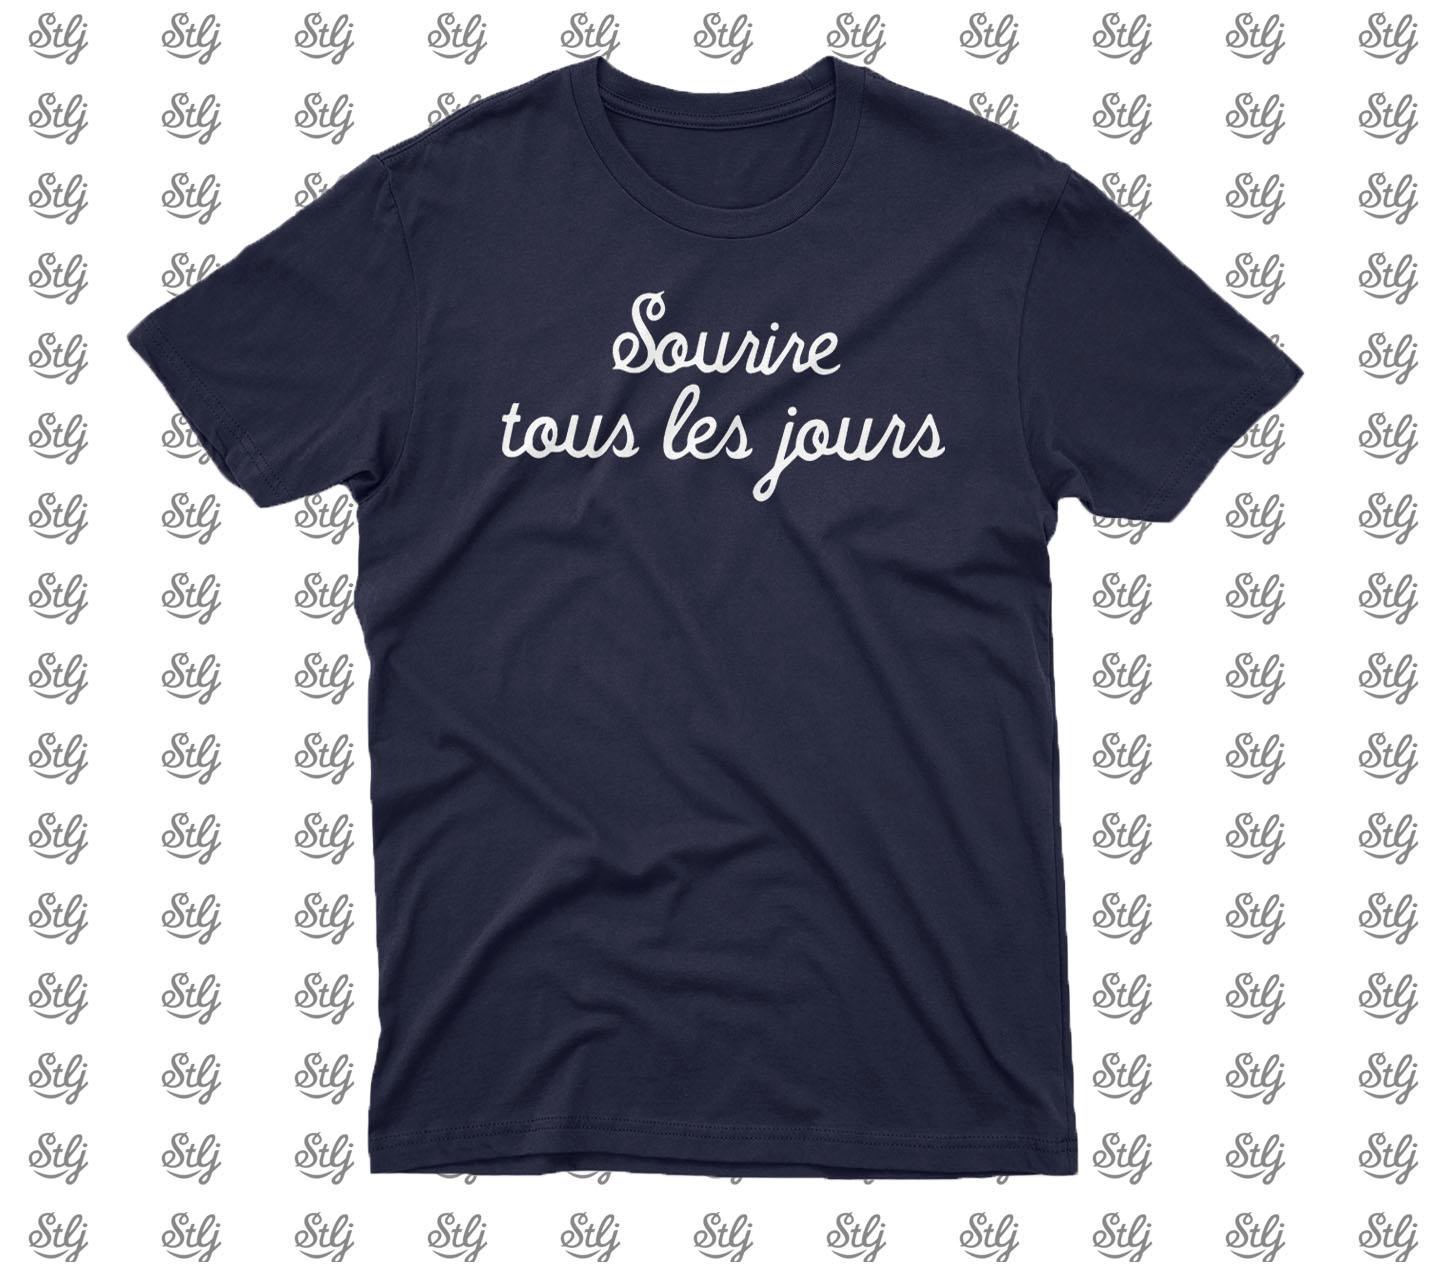 T-Shirt Sourire tous les jours Bleu marine